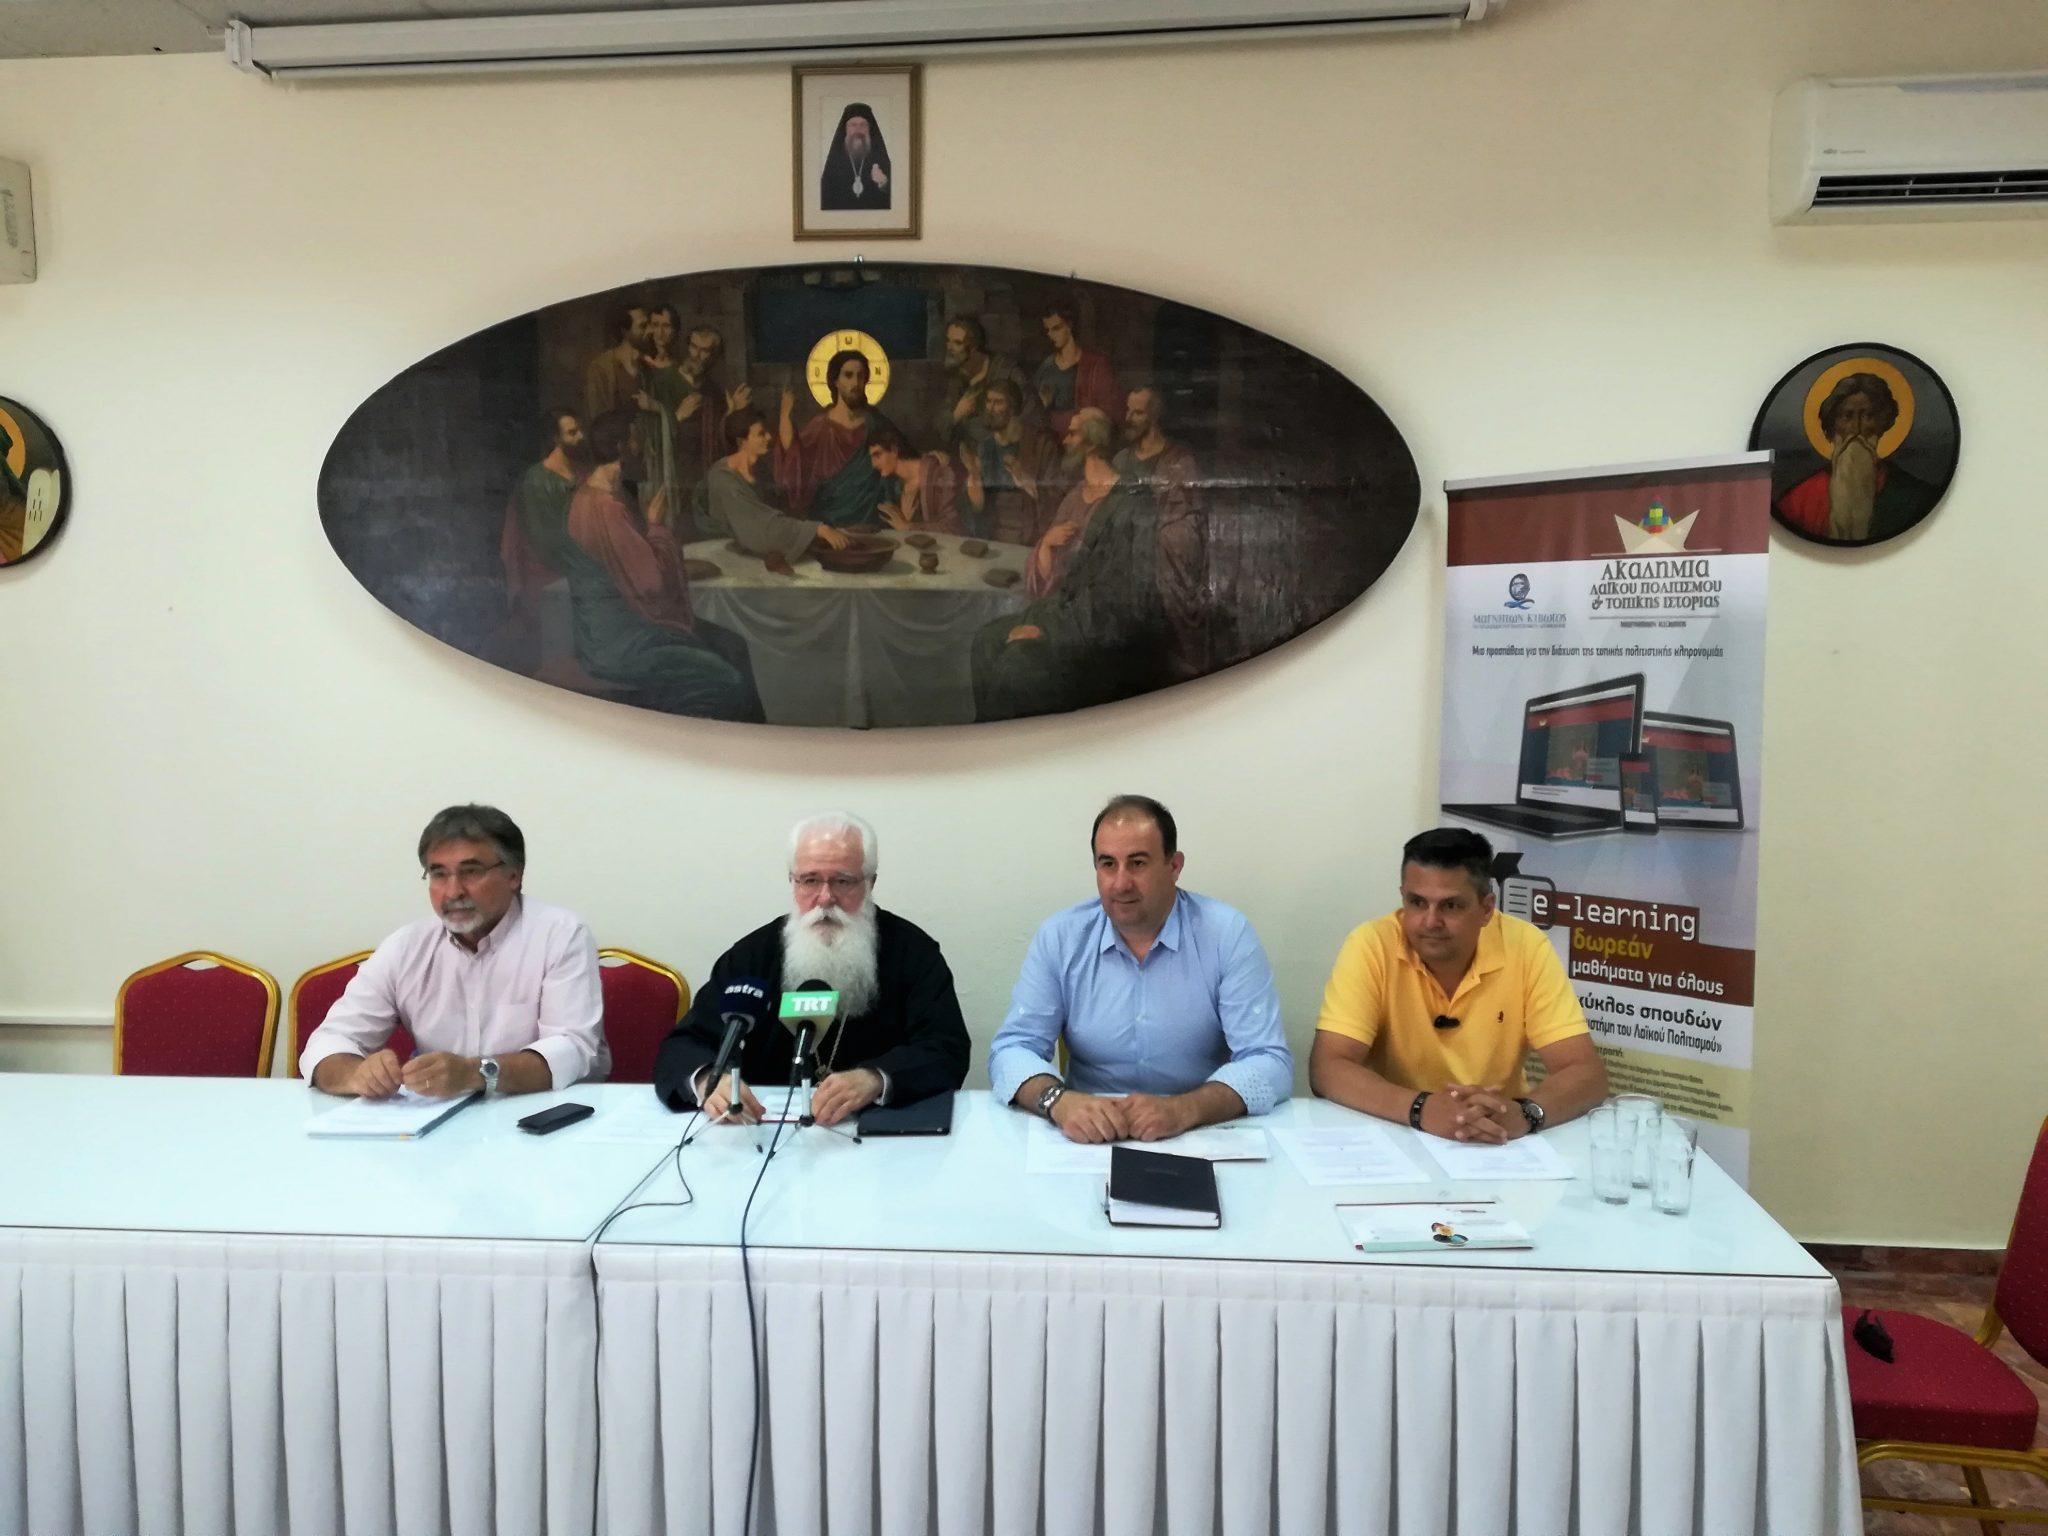 Ξεκίνησαν οι εγγραφές για το εκπαιδευτικό πρόγραμμα «Εισαγωγή στην Επιστήμη του Λαϊκού Πολιτισμού»